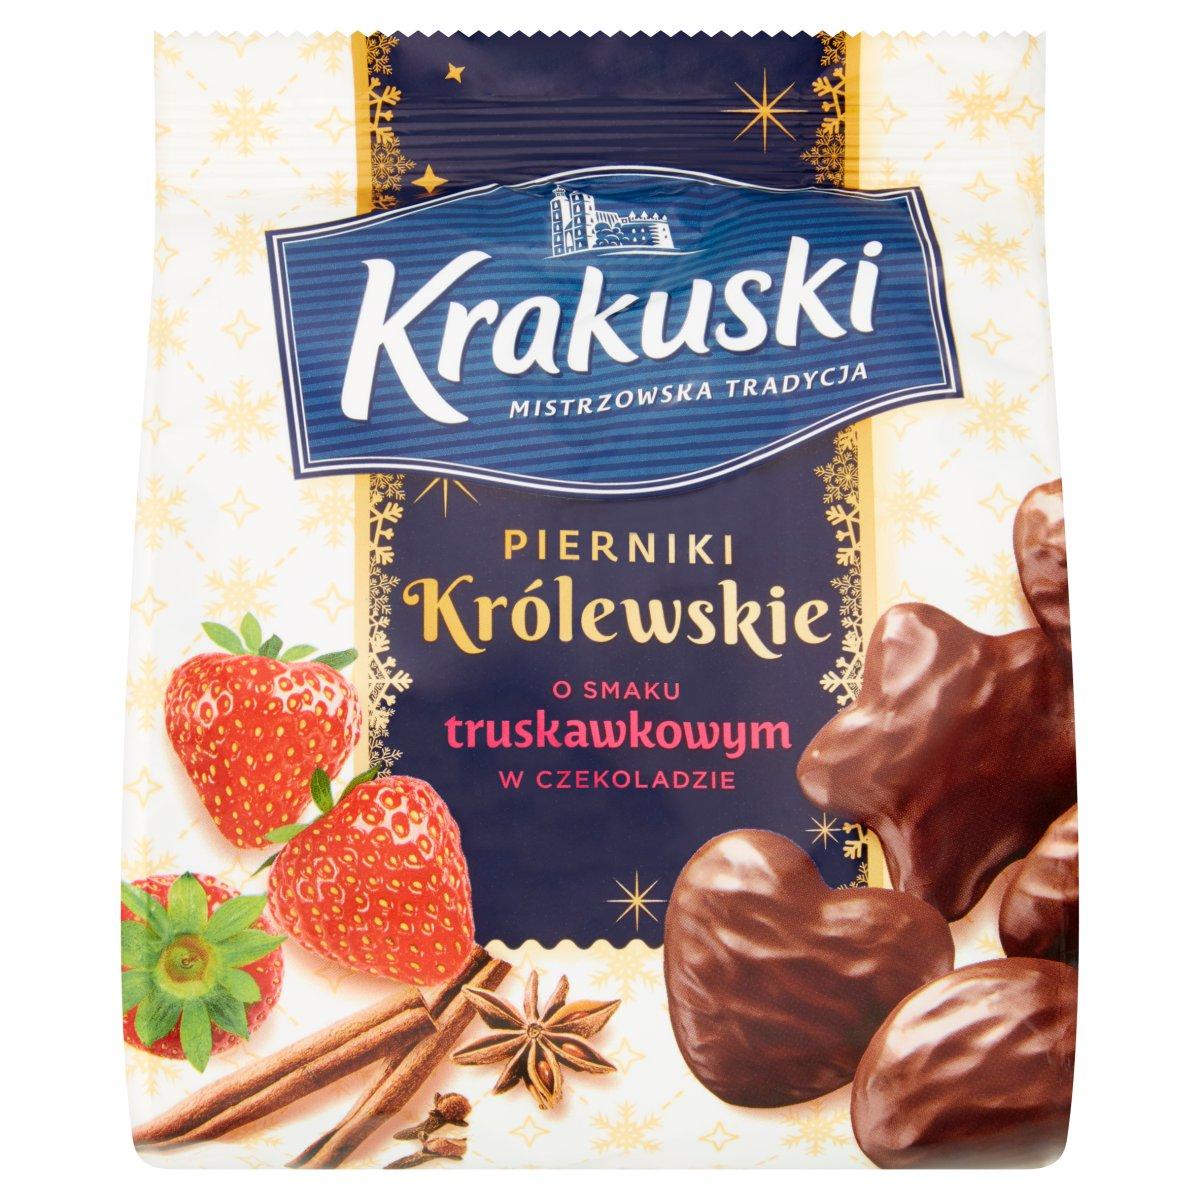 Krakuski Pierniki Królewskie o smaku truskawkowym w czekoladzie 150g